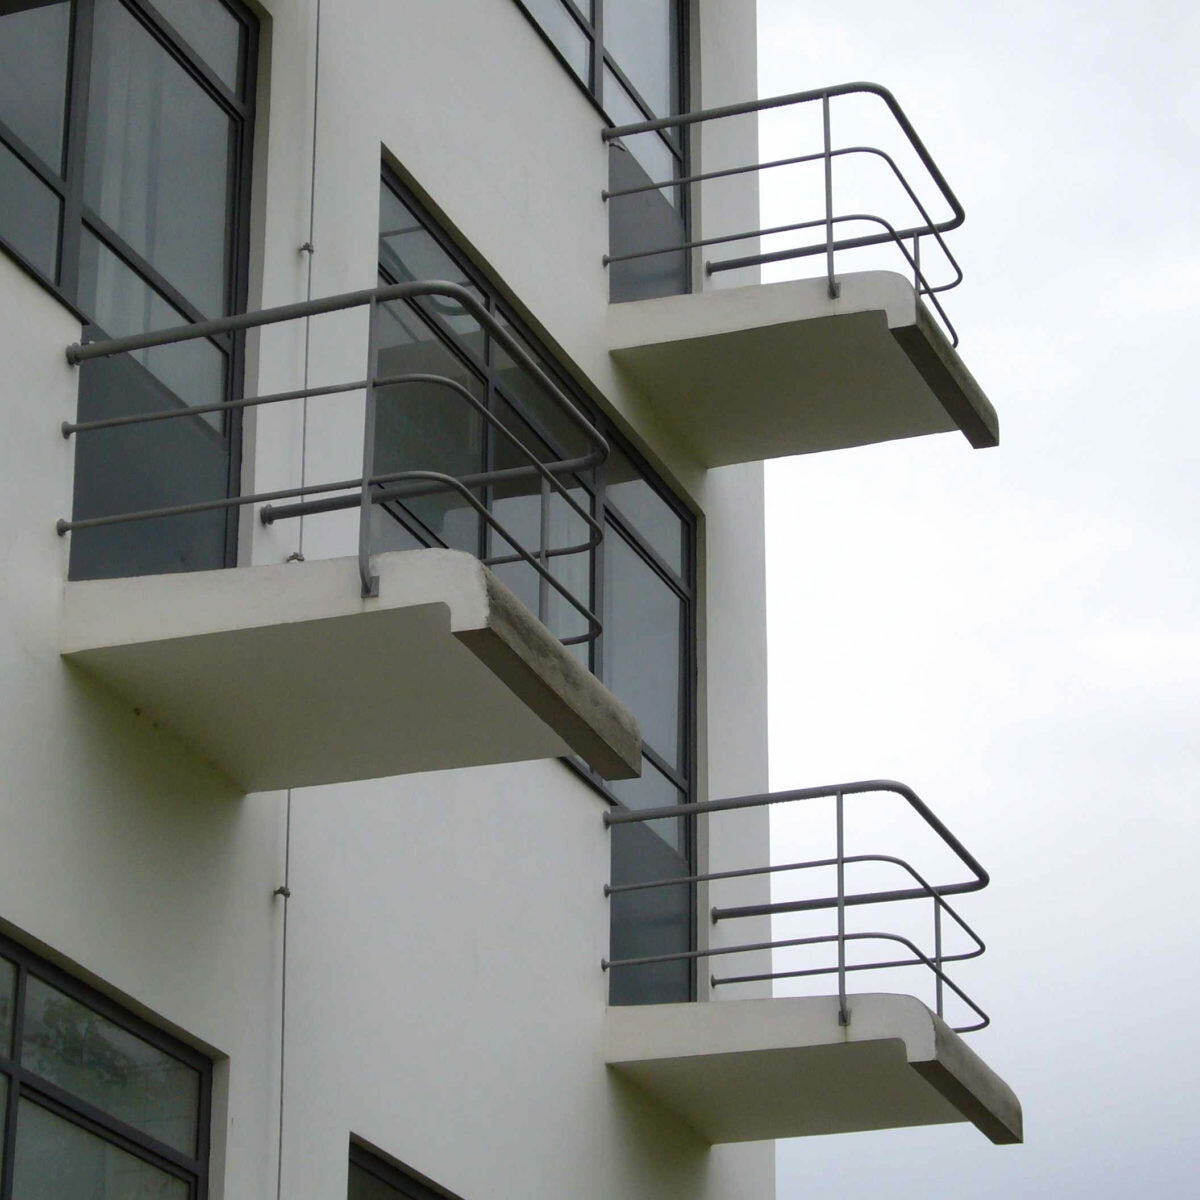 balkon_Balkone in Dessau FOTO_Galinowski_Immowelt.de